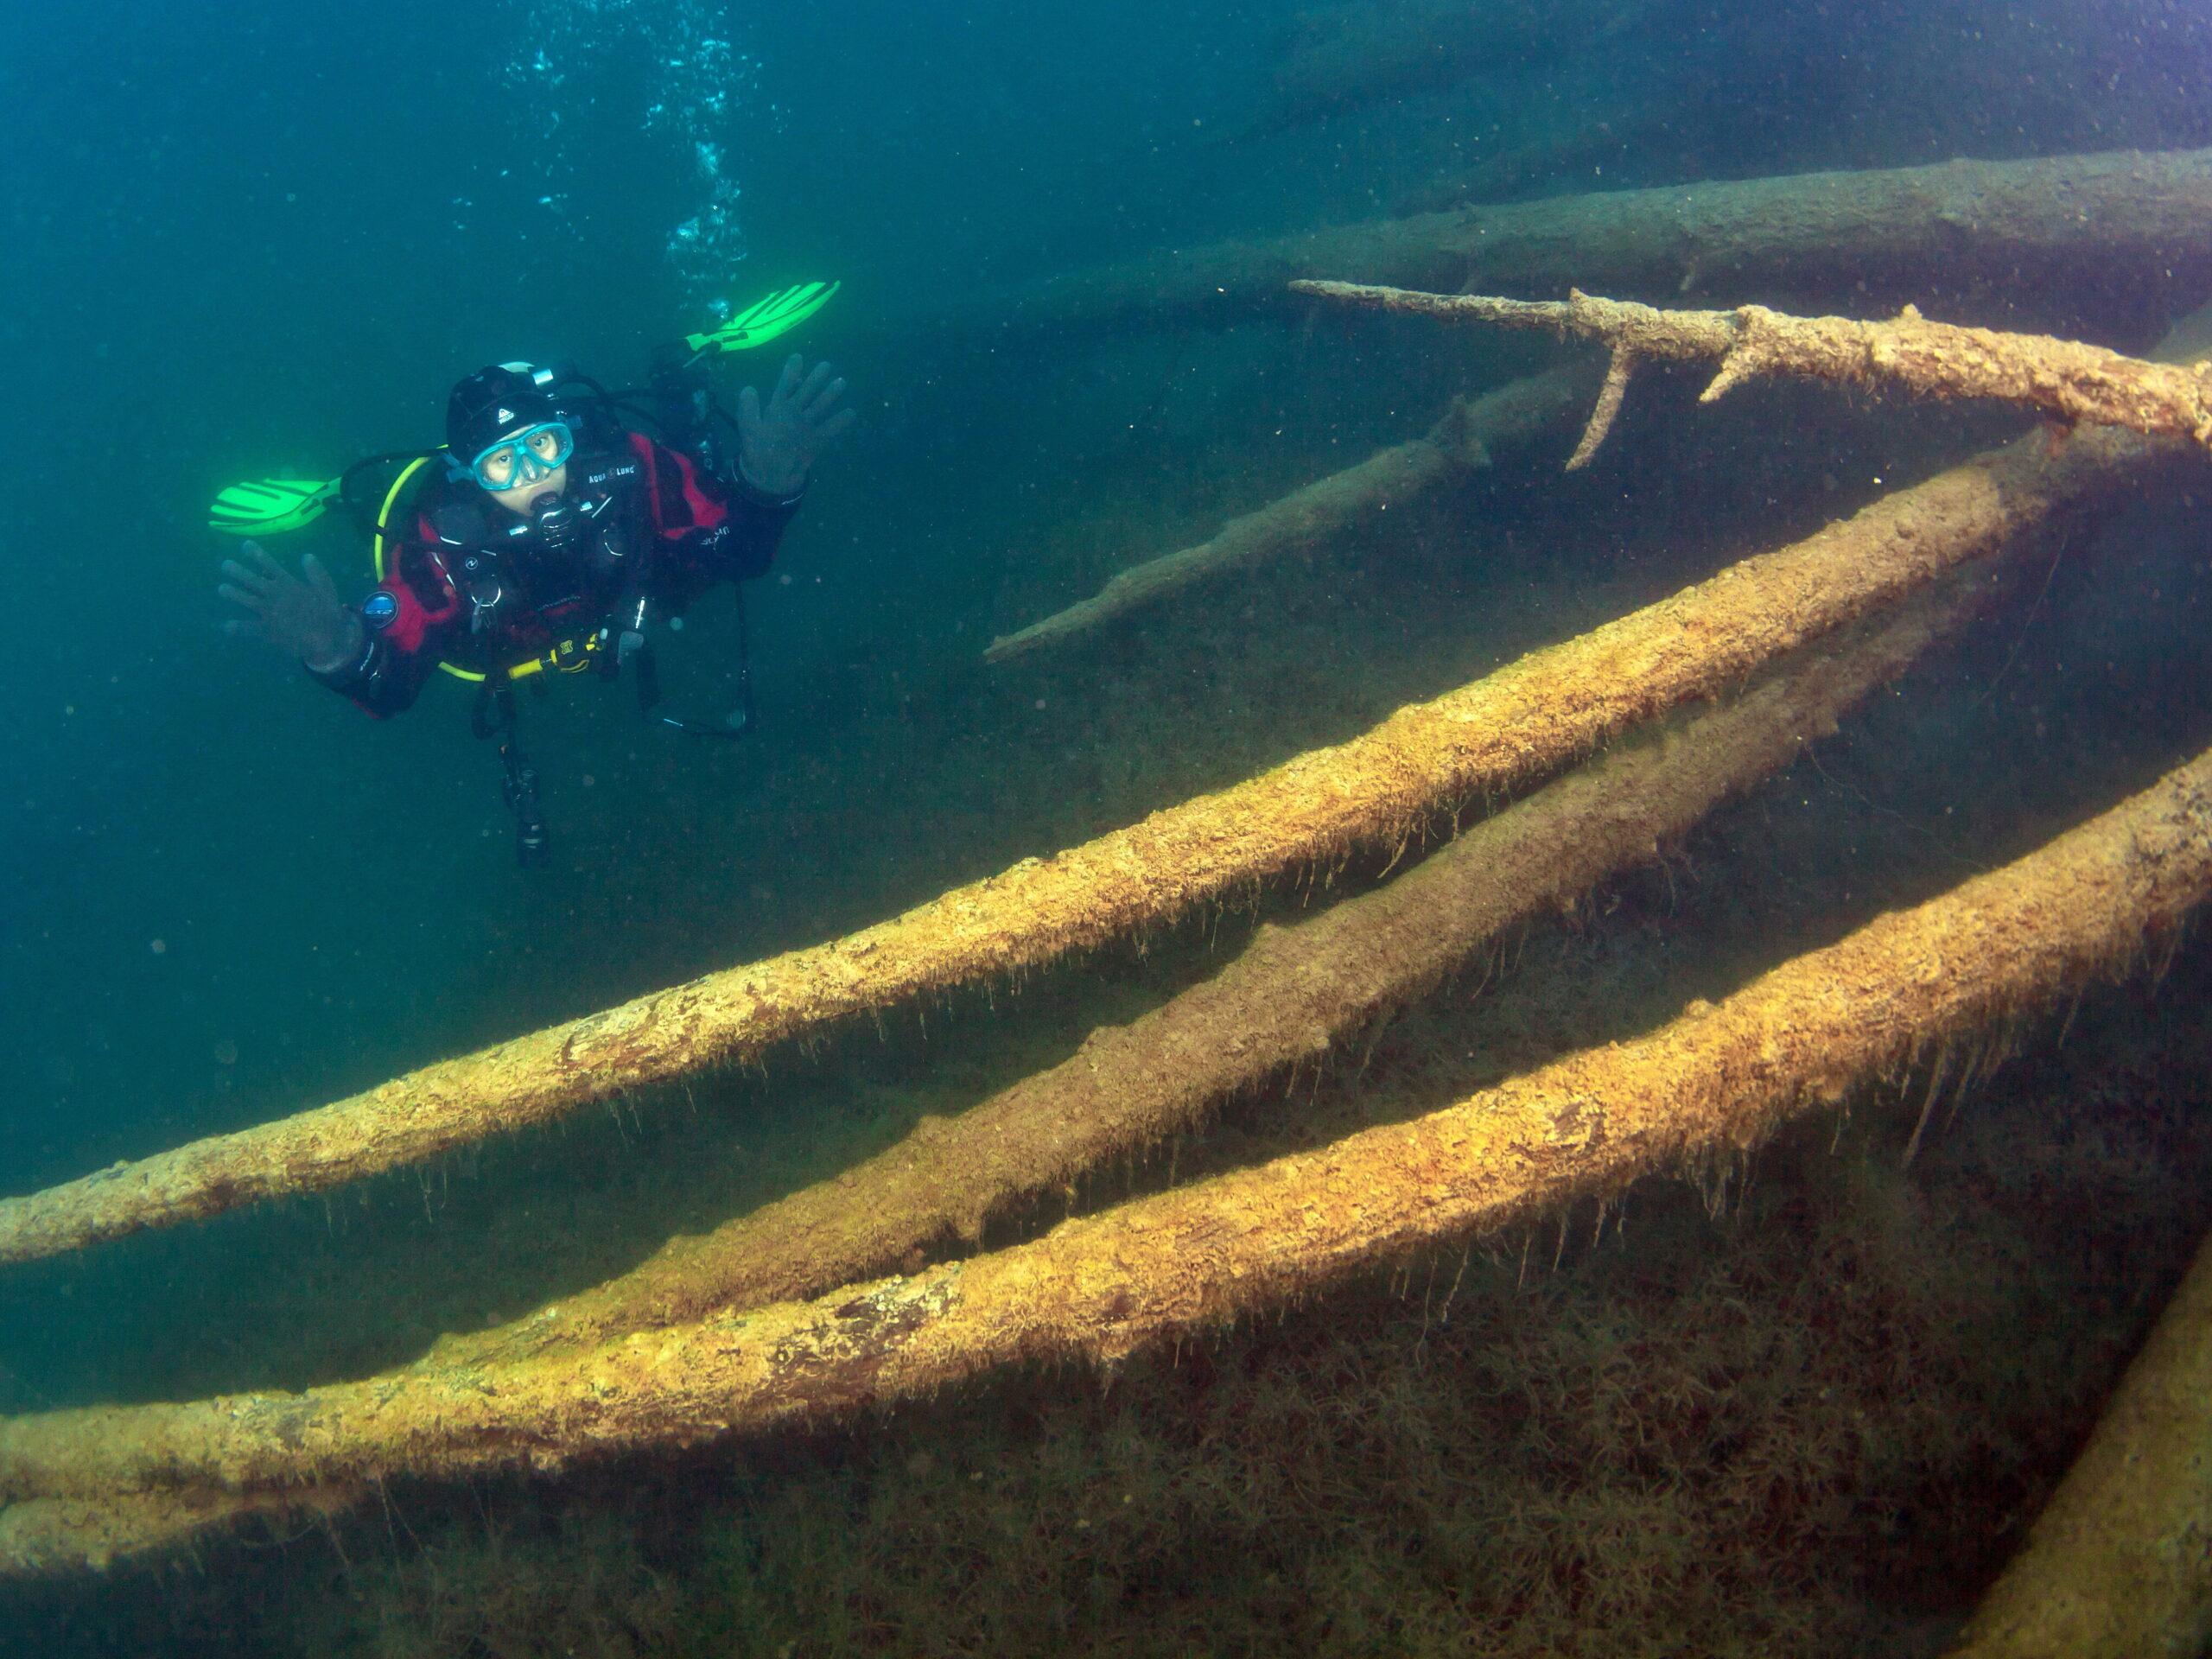 Skurrile Baumstämme beim Blausee Tauchen